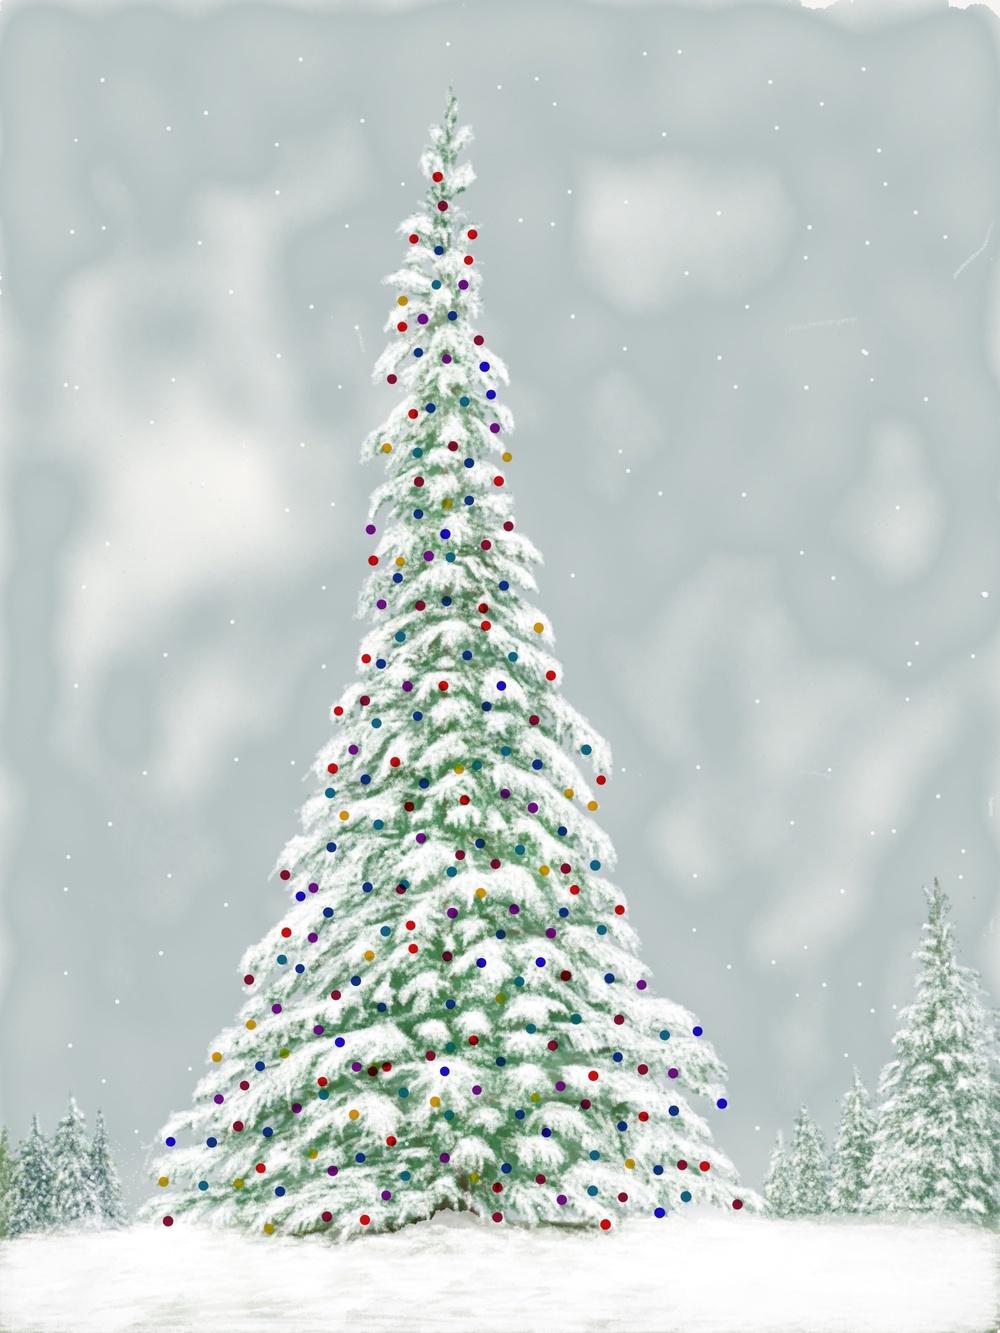 rachel-winner-illustrations-mckinney-texas 215.jpg